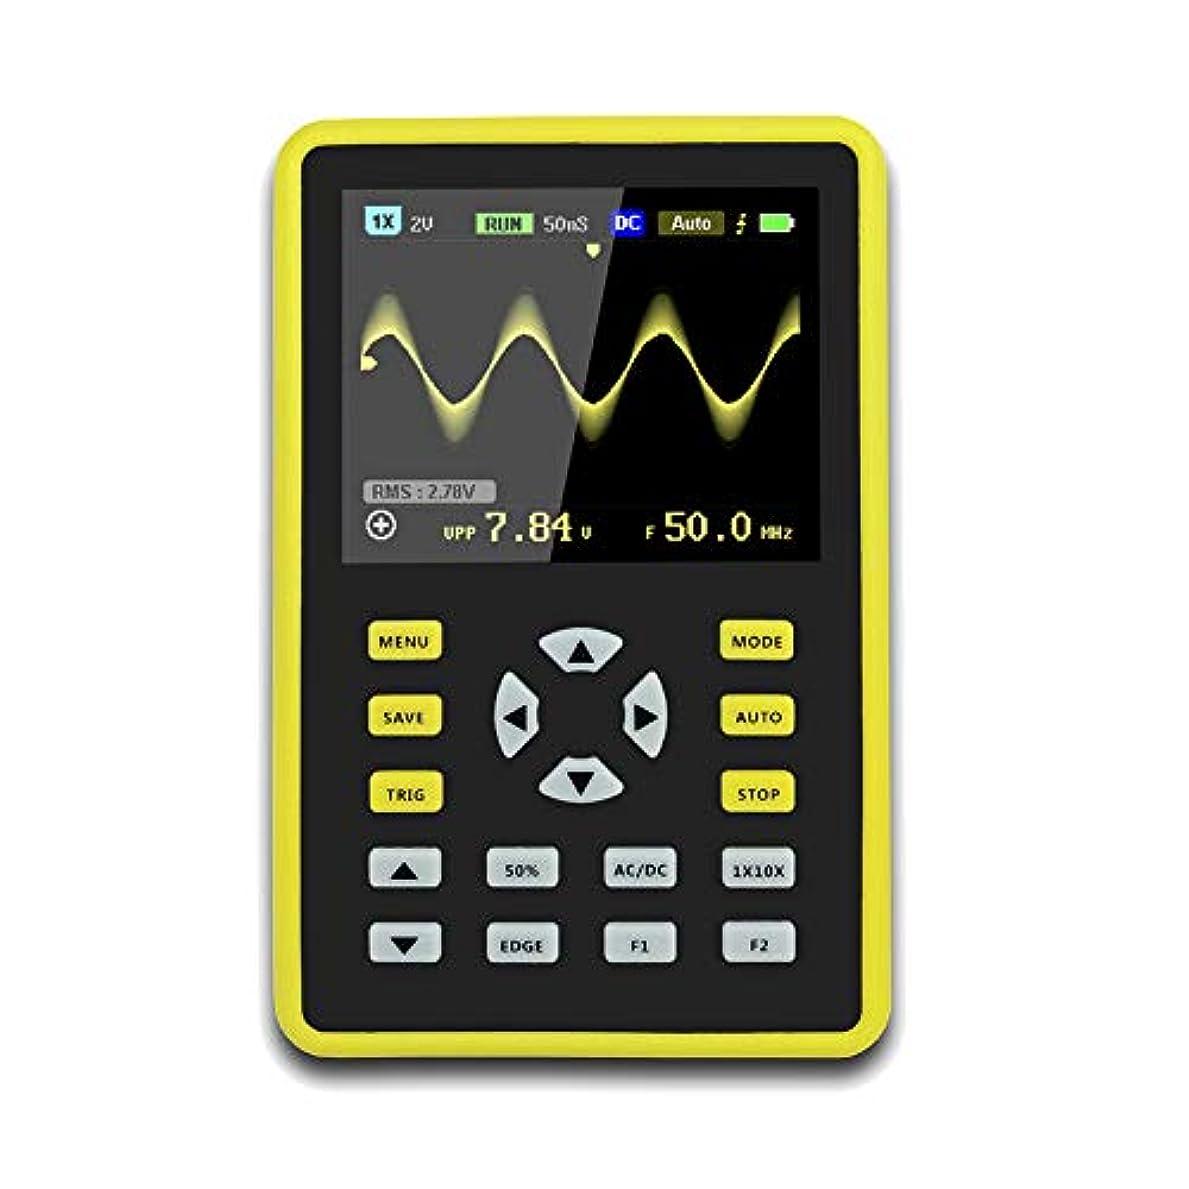 物思いにふける閉じ込めるラショナルCoolTack  手持ち型デジタル小型オシロスコープ2.4インチ500 MS/s IPS LCD表示スクリーンの携帯用